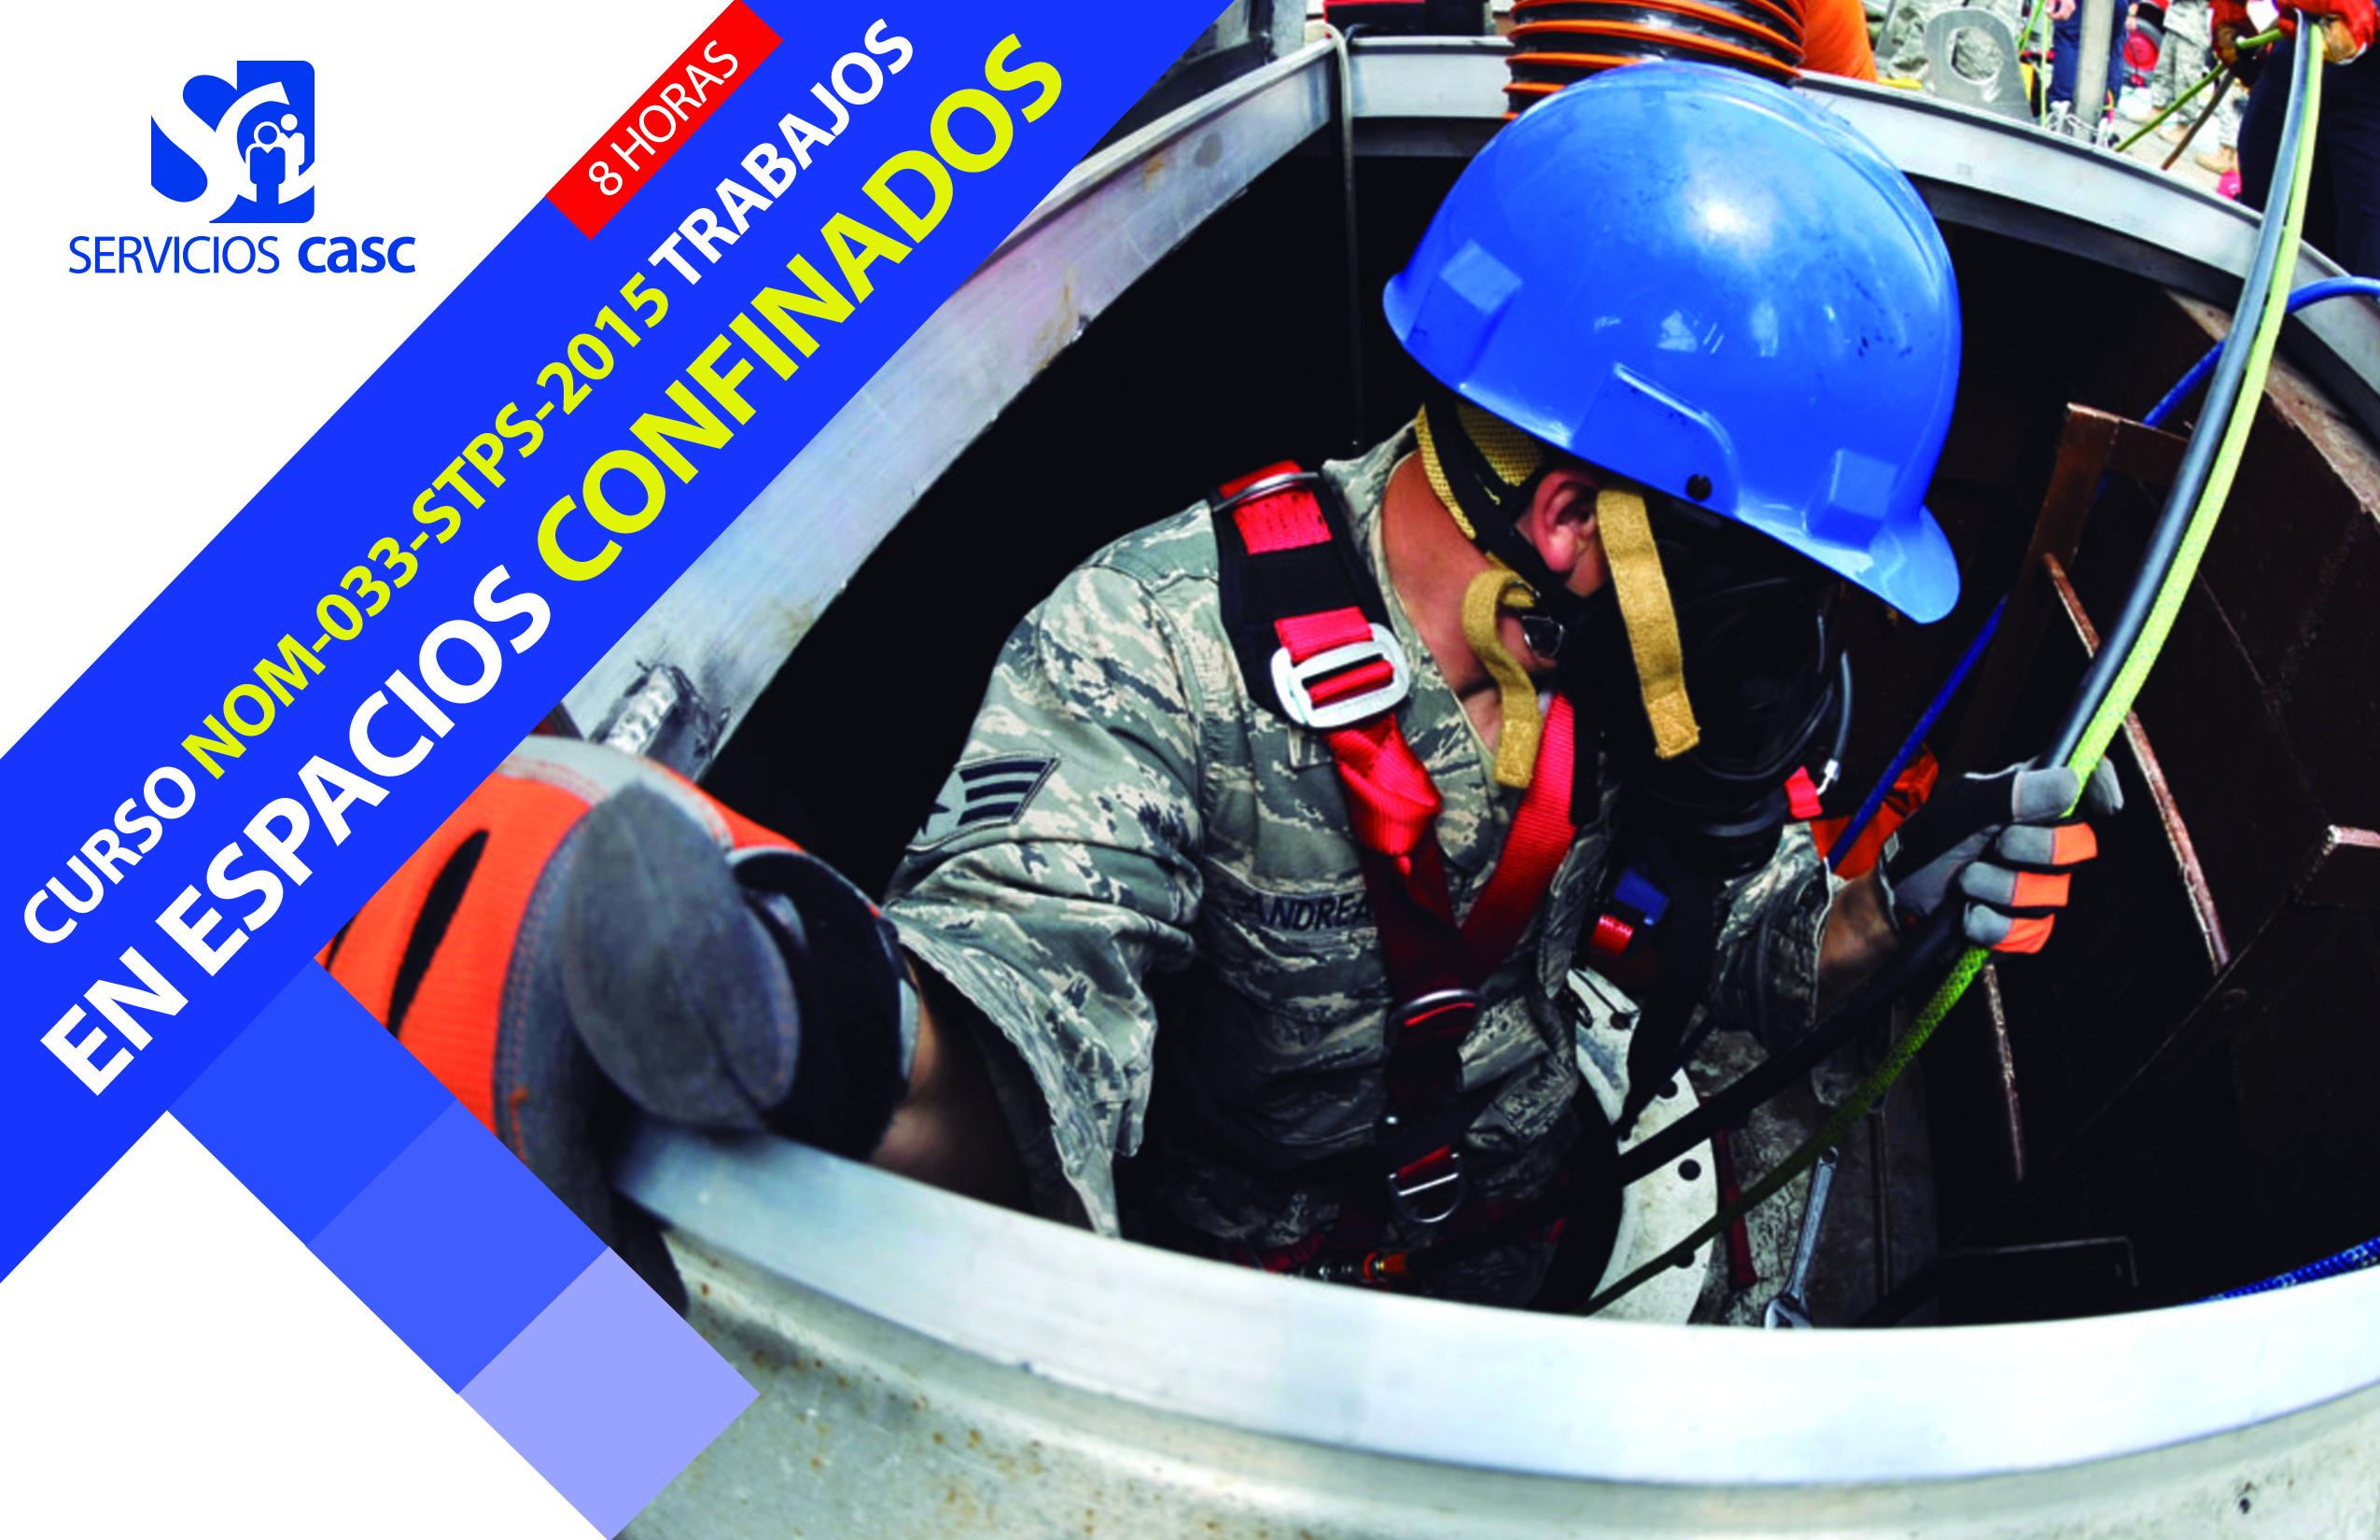 Trabajos en Espacios Confinados (NOM-033-STPS-2015)